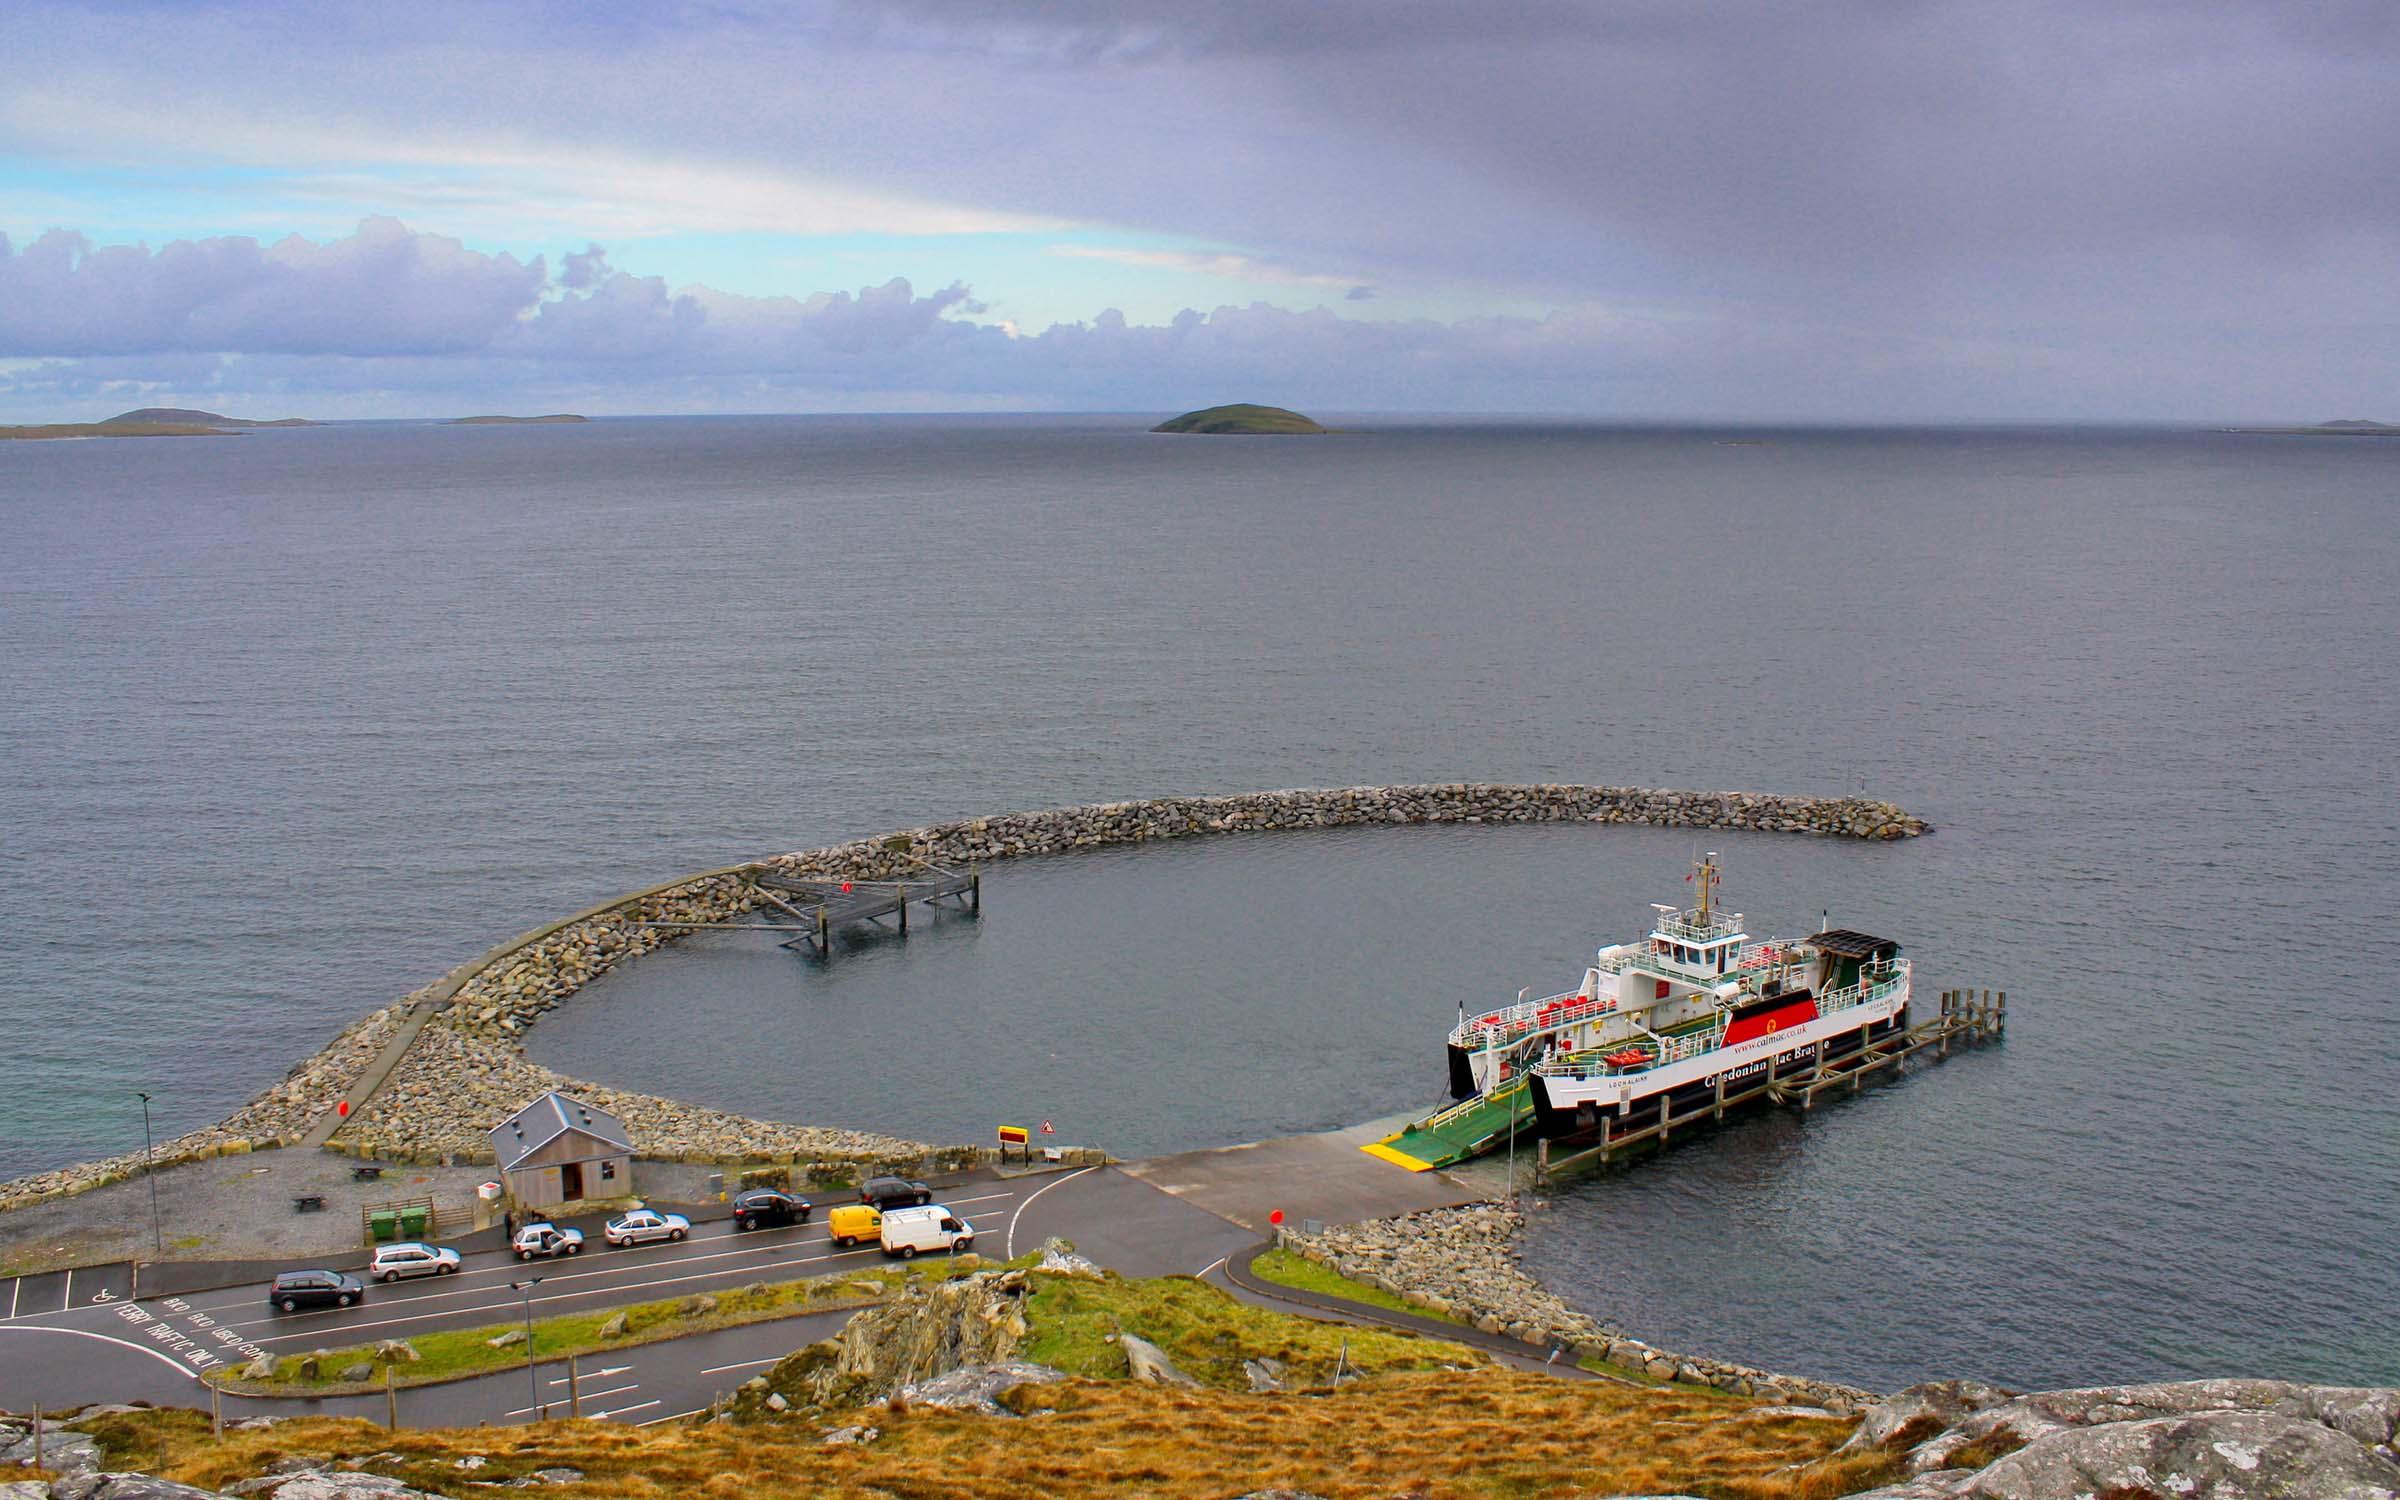 Loch Alainn at Eriskay (Ships of CalMac)